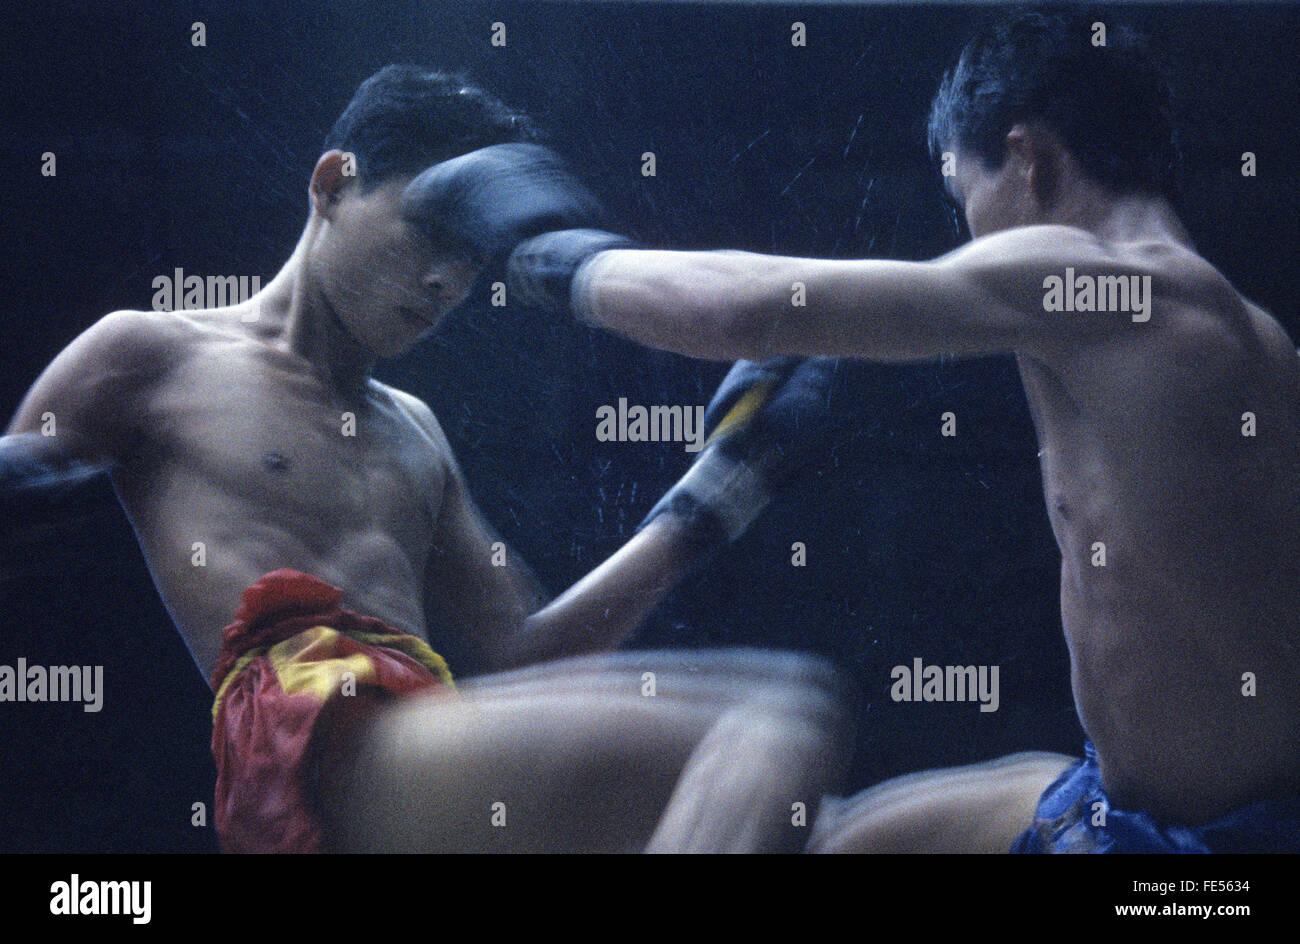 Tailandia Bangkok, Thai-Boxing, deporte, Imagen De Stock